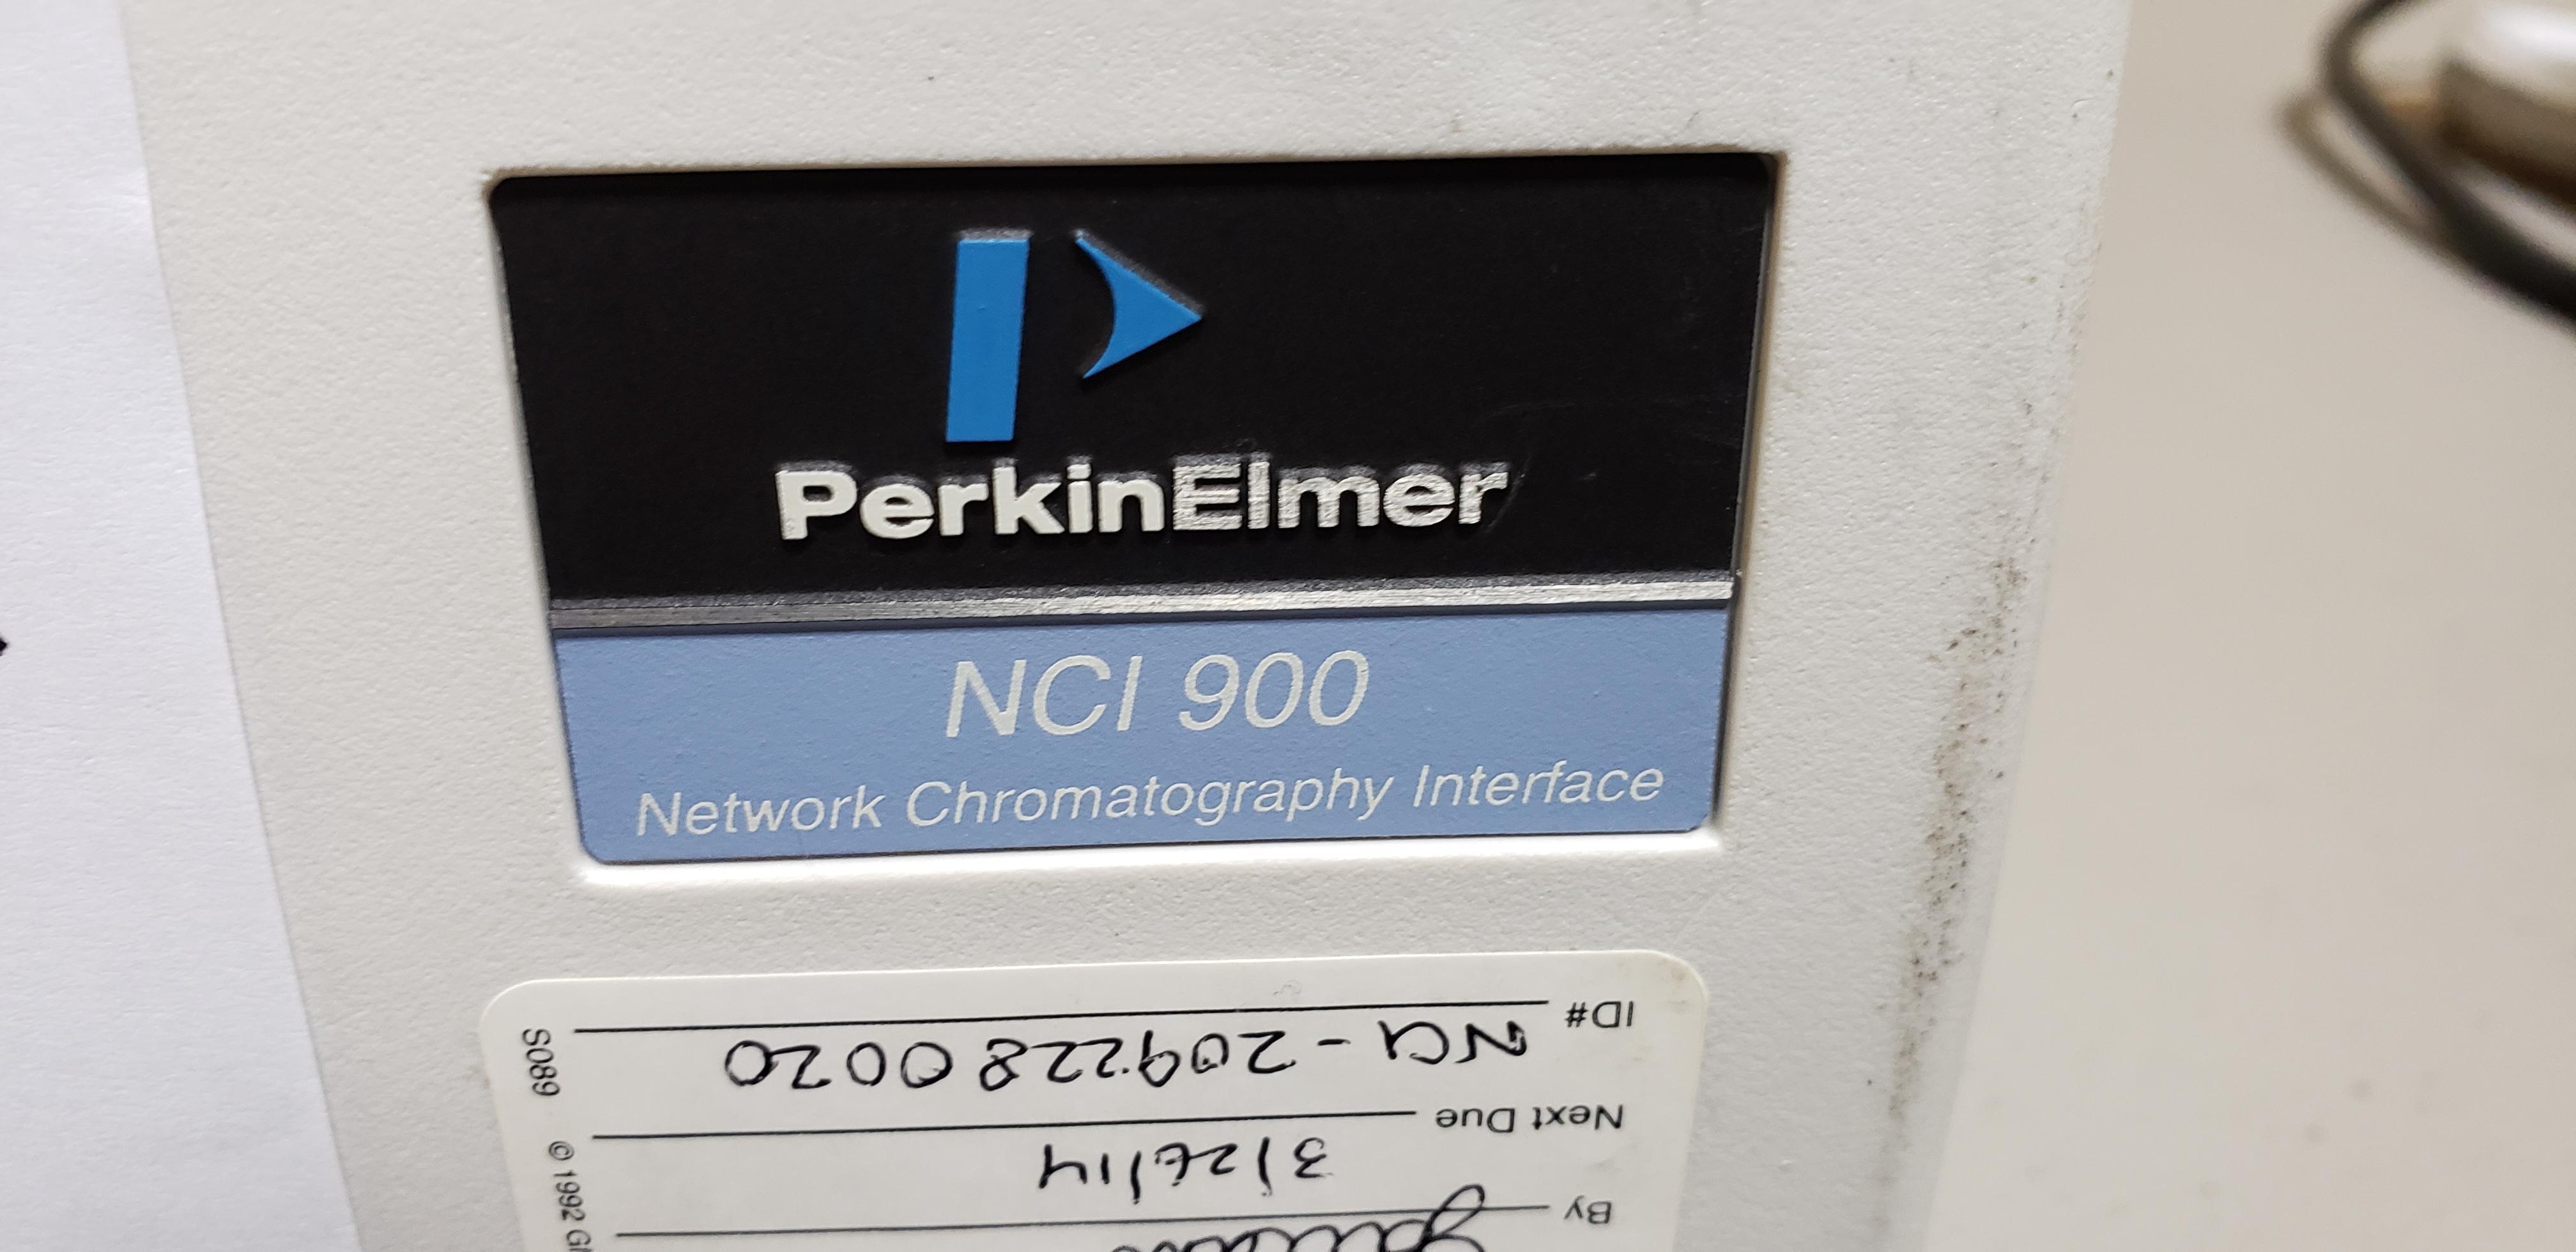 Lot 16 - PERKINELMER NCI 900 NETWORK CHROMATOGRAPHY INTERFACE